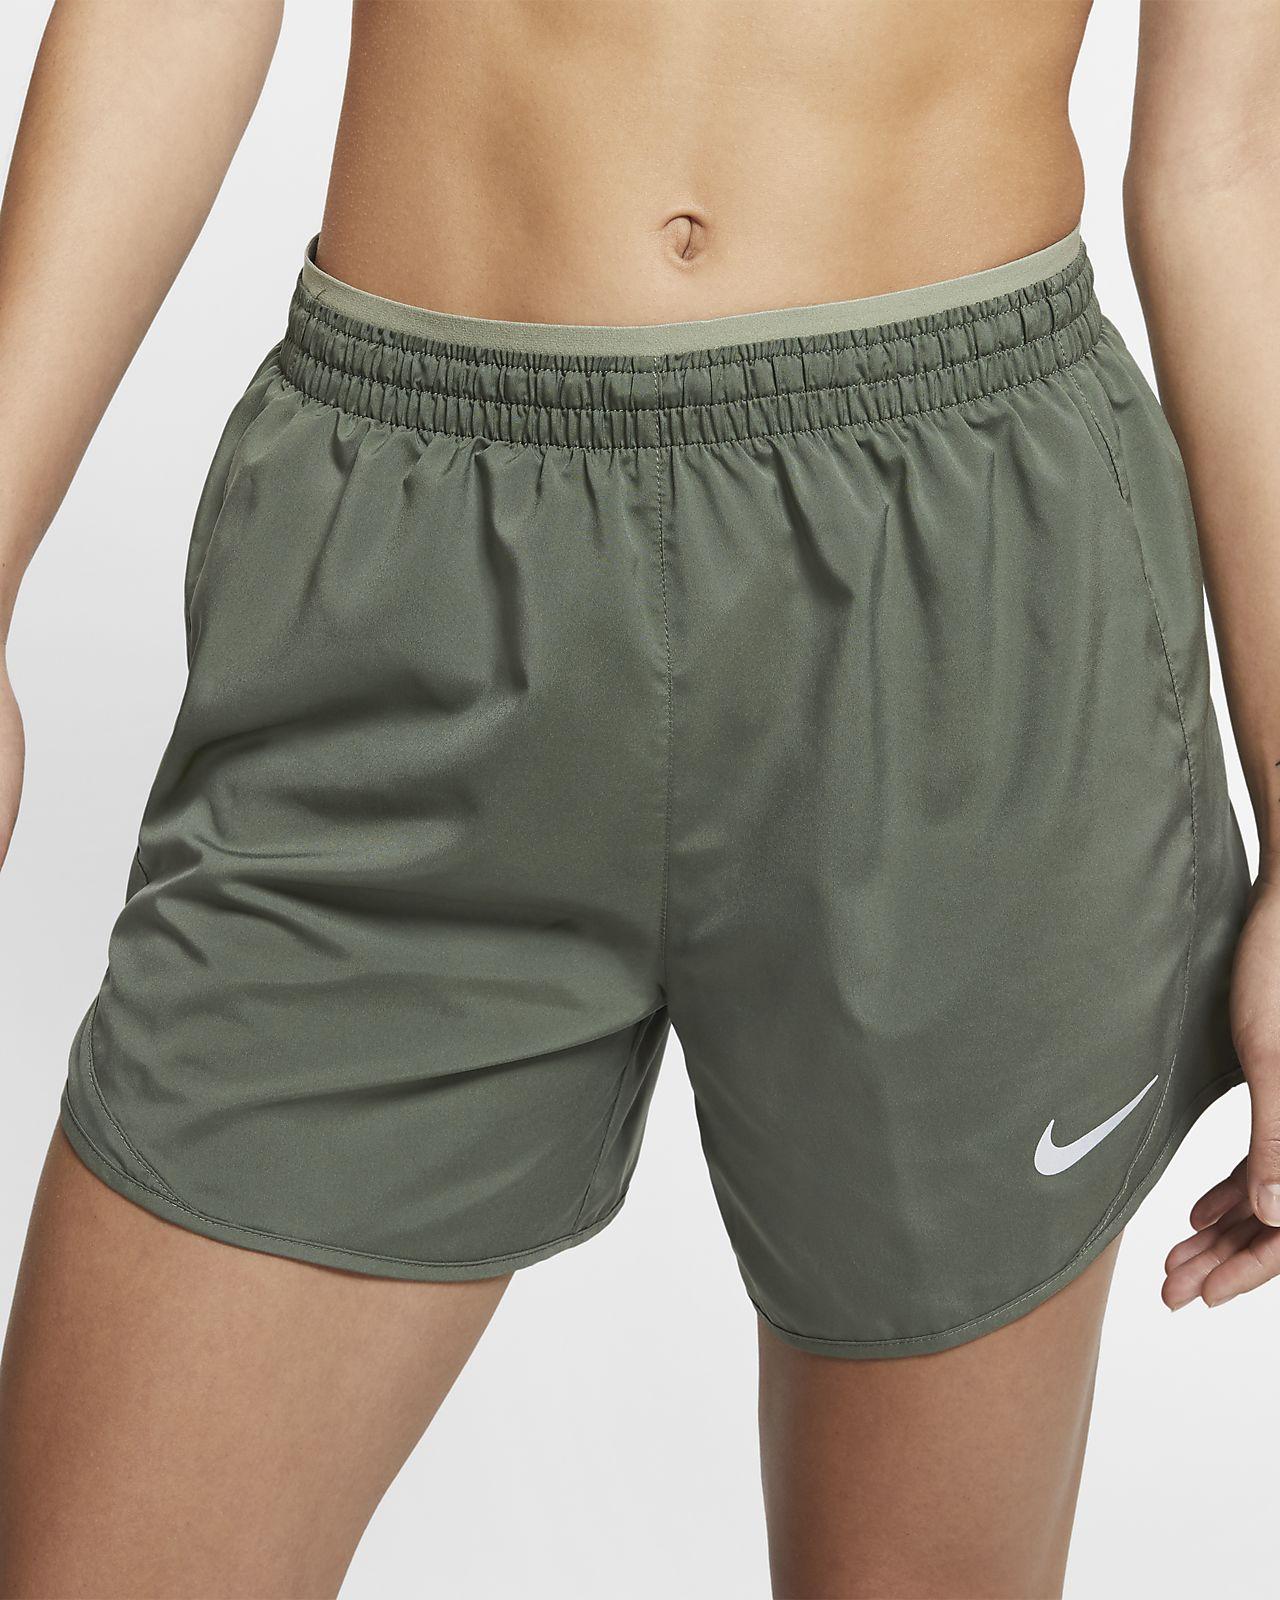 Löparshorts Nike Tempo Lux för kvinnor